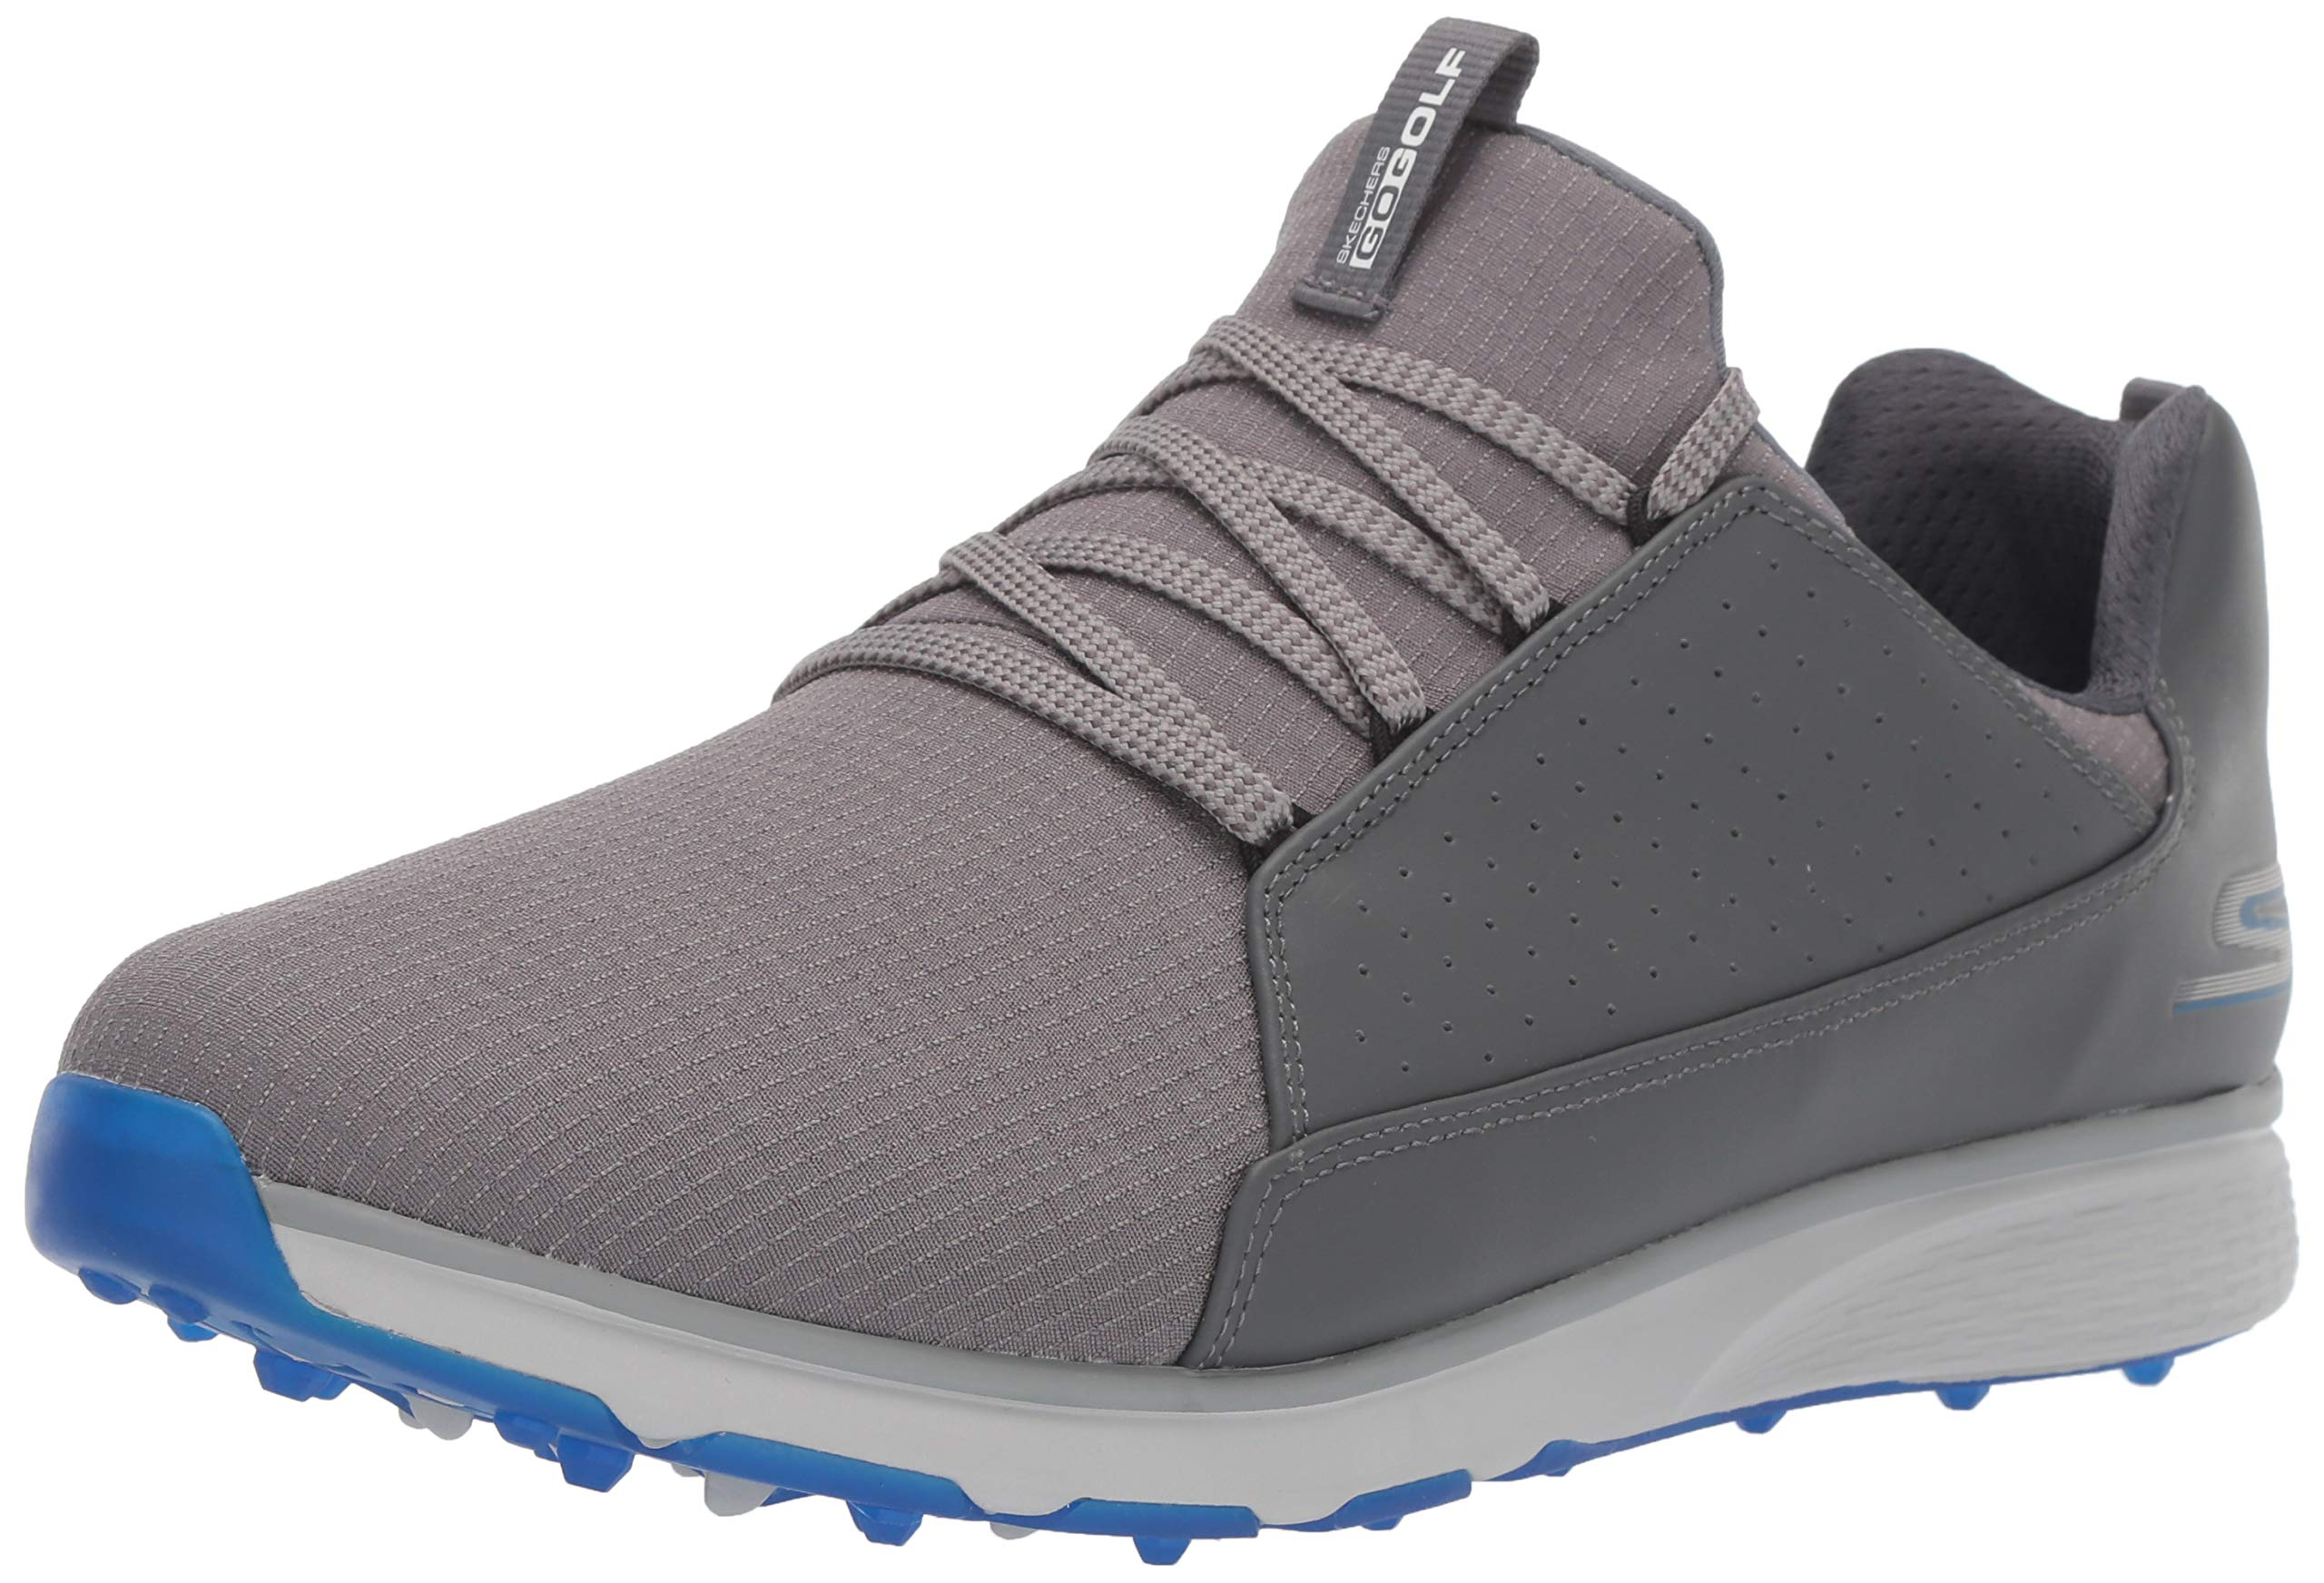 Skechers Men's Mojo Waterproof Golf Shoe, Charcoal/Blue, 9 W US by Skechers